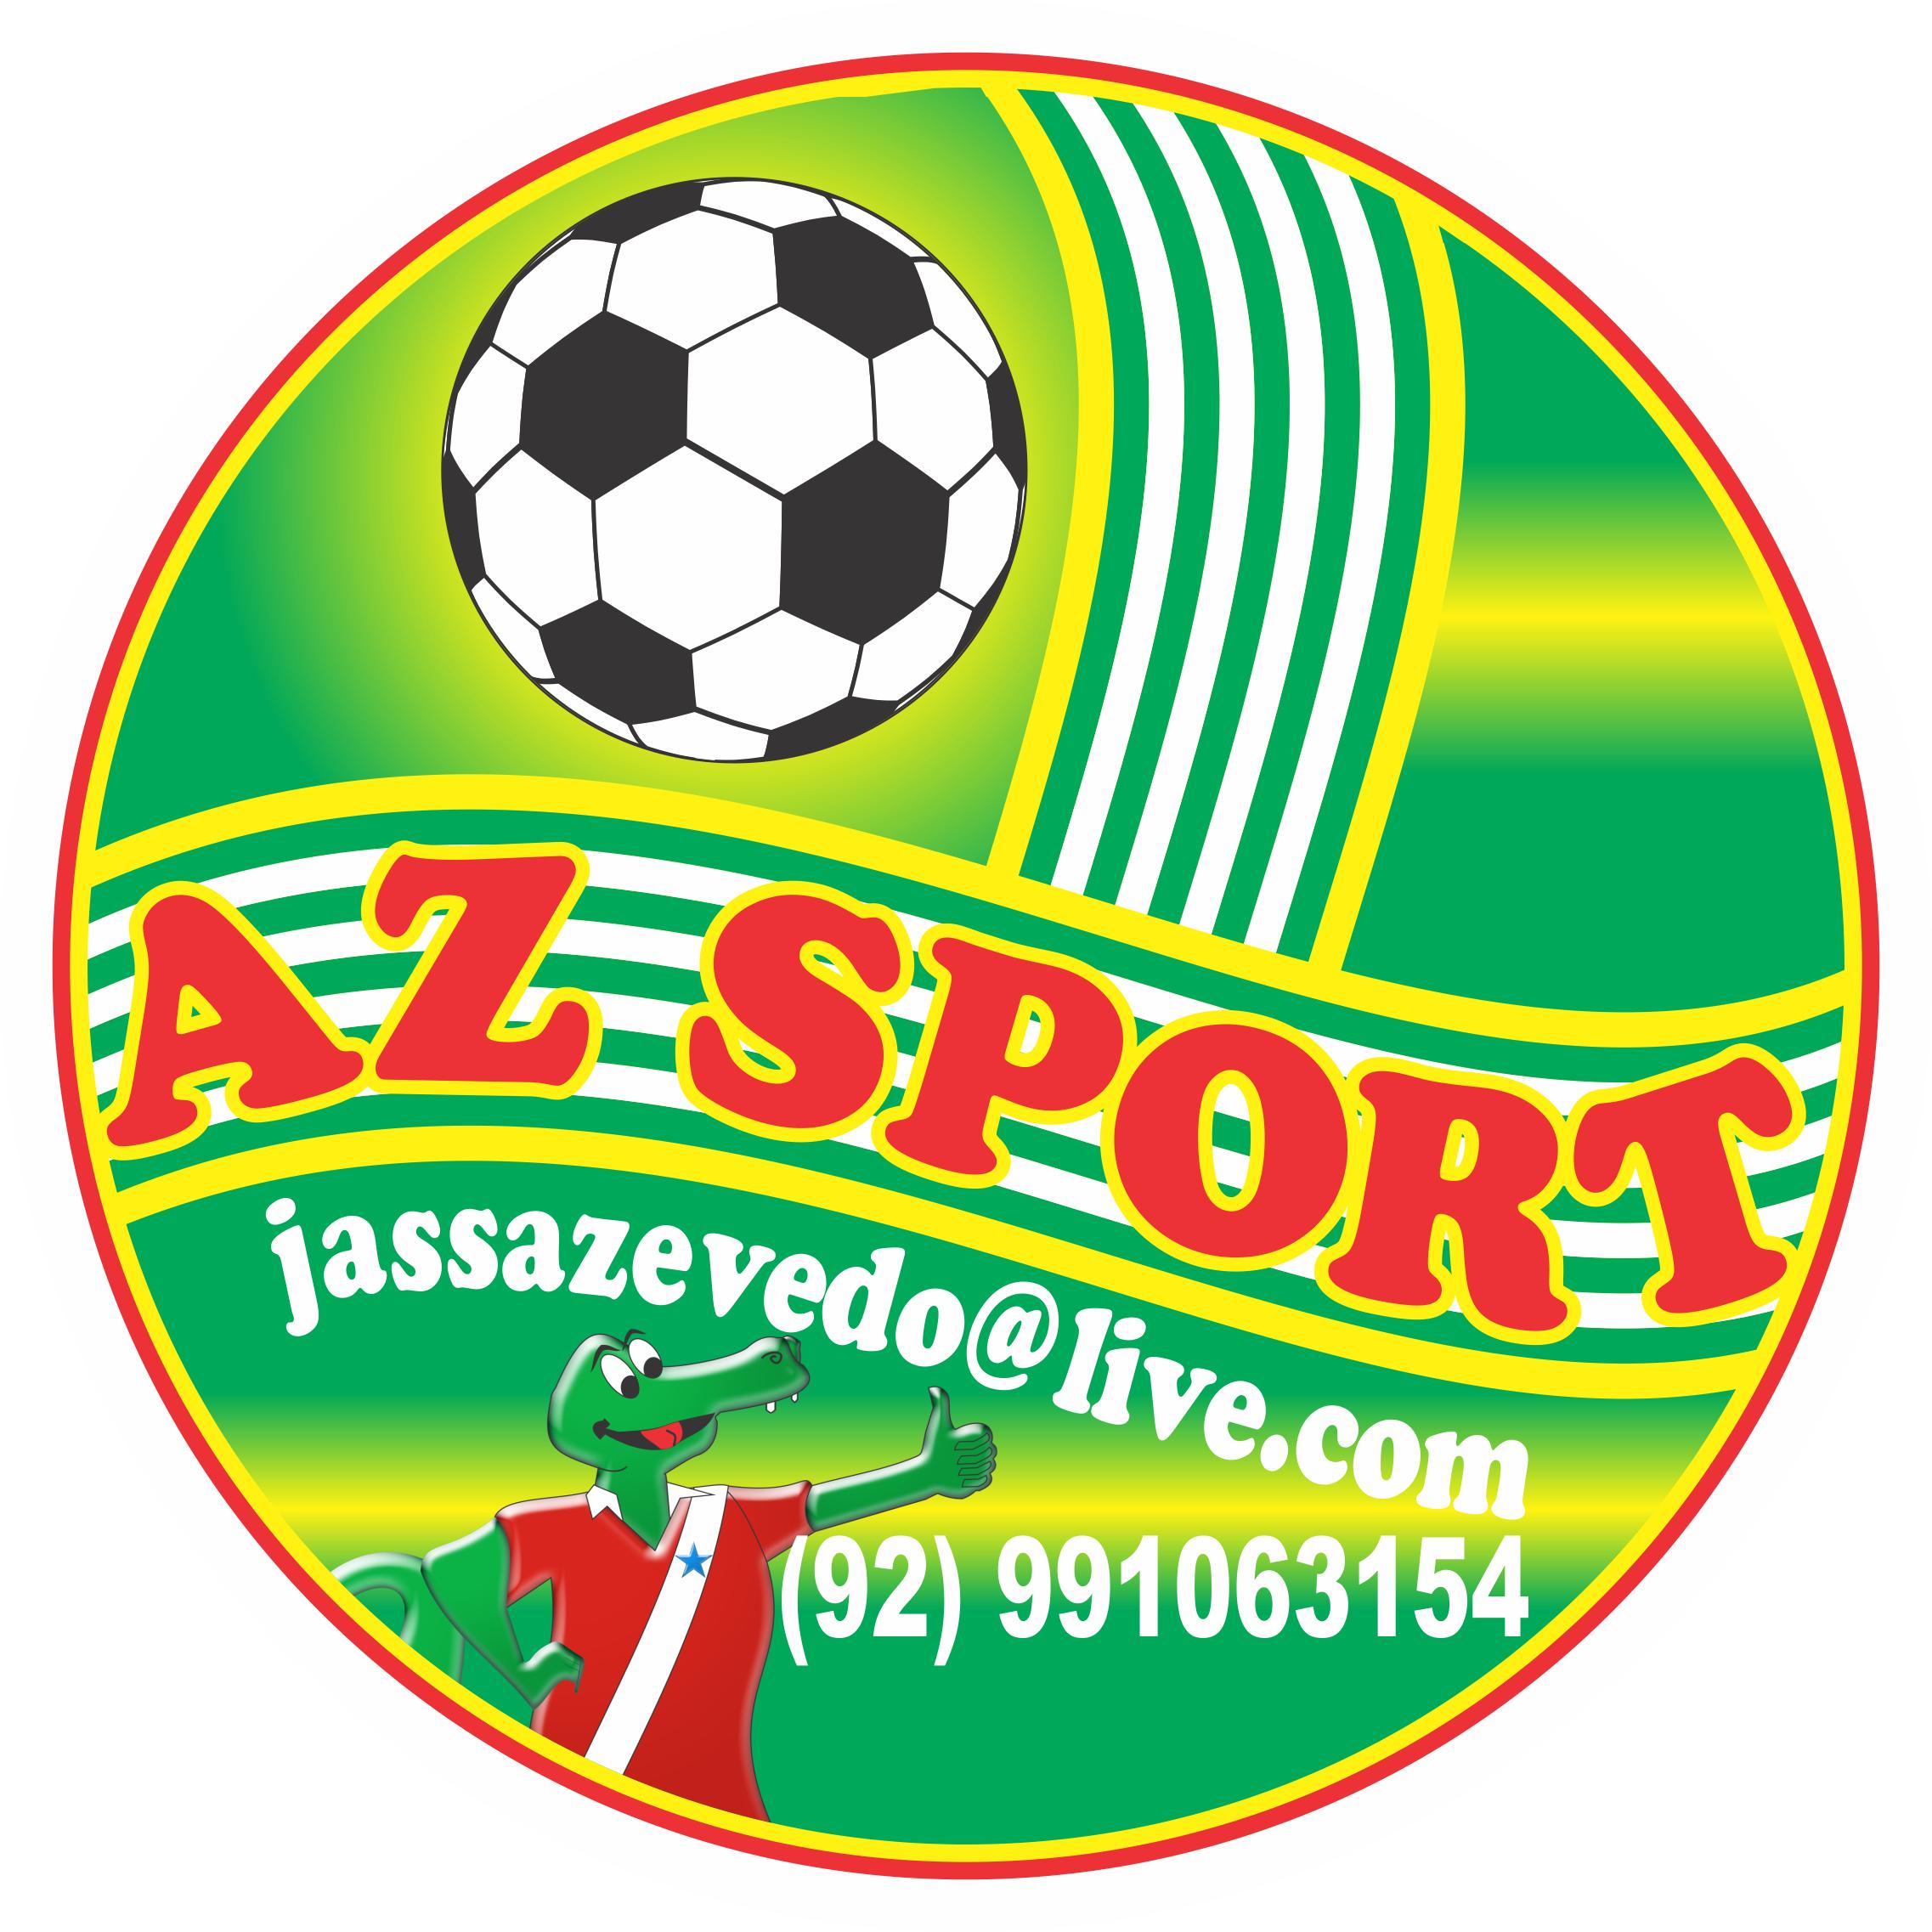 azsport, confecções de uniformes esportivo